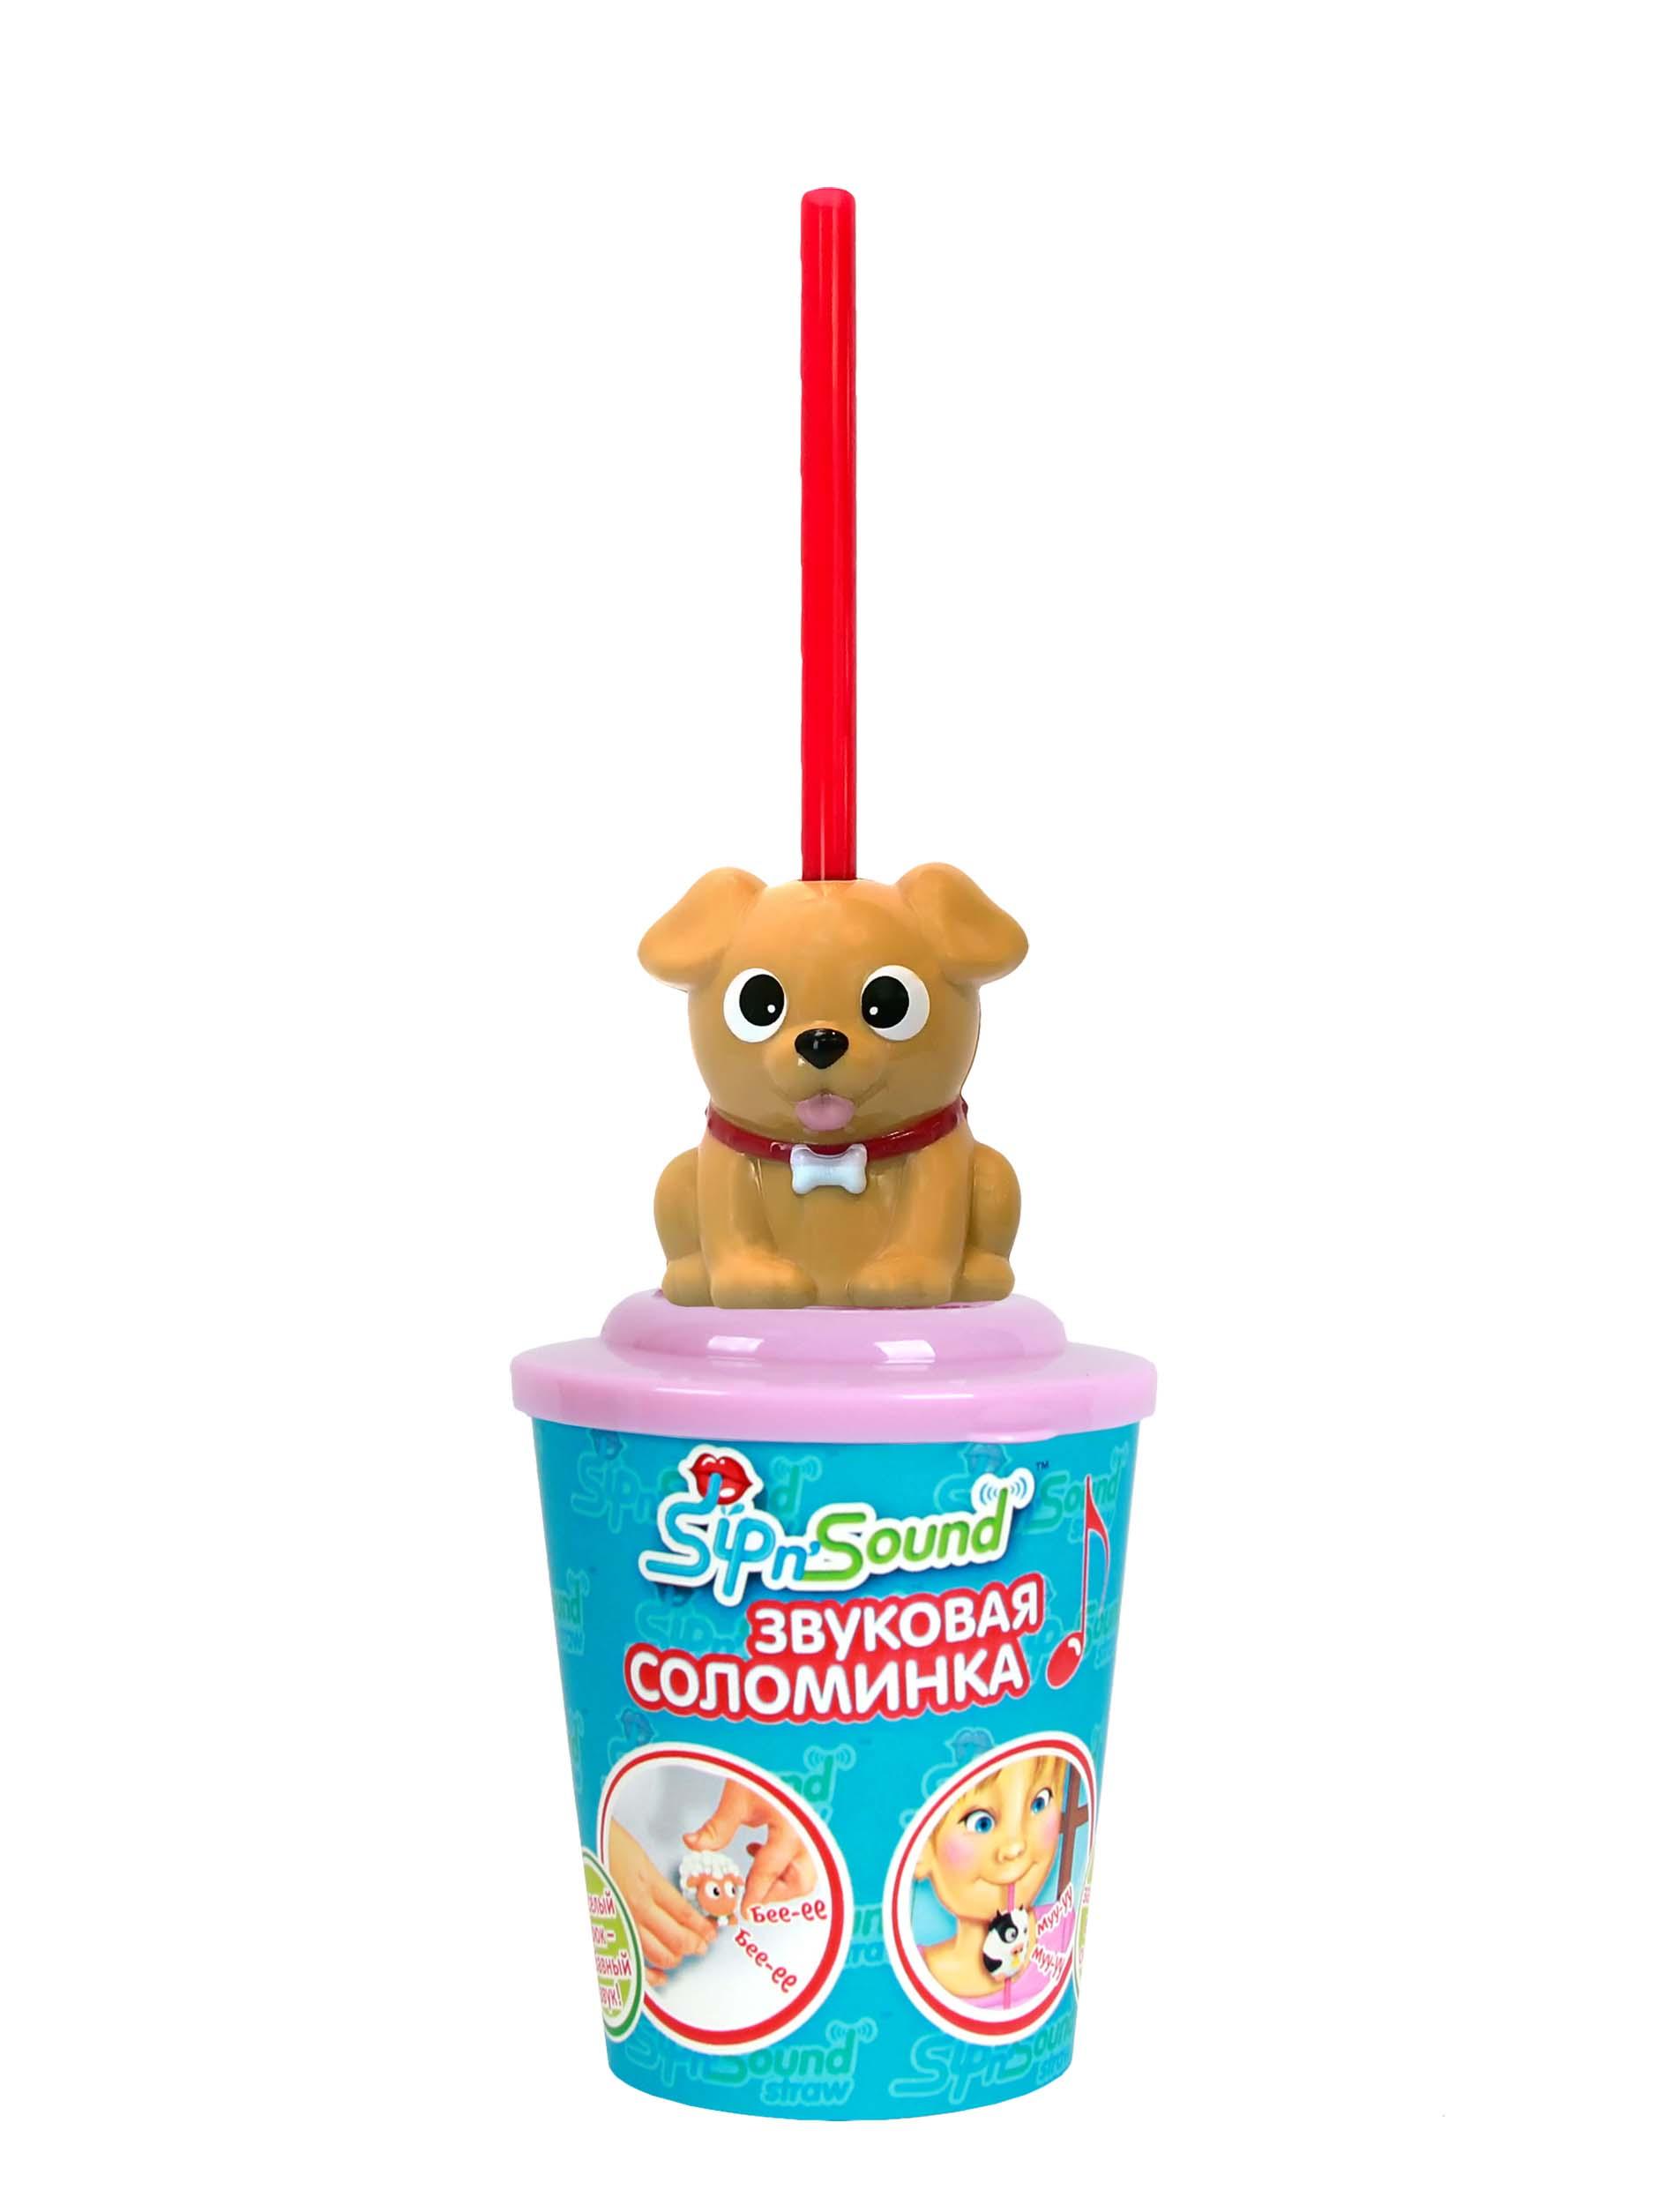 Купить Звуковая соломинка Sip'n Sound – Собака, коричневая, The Lokumal Group